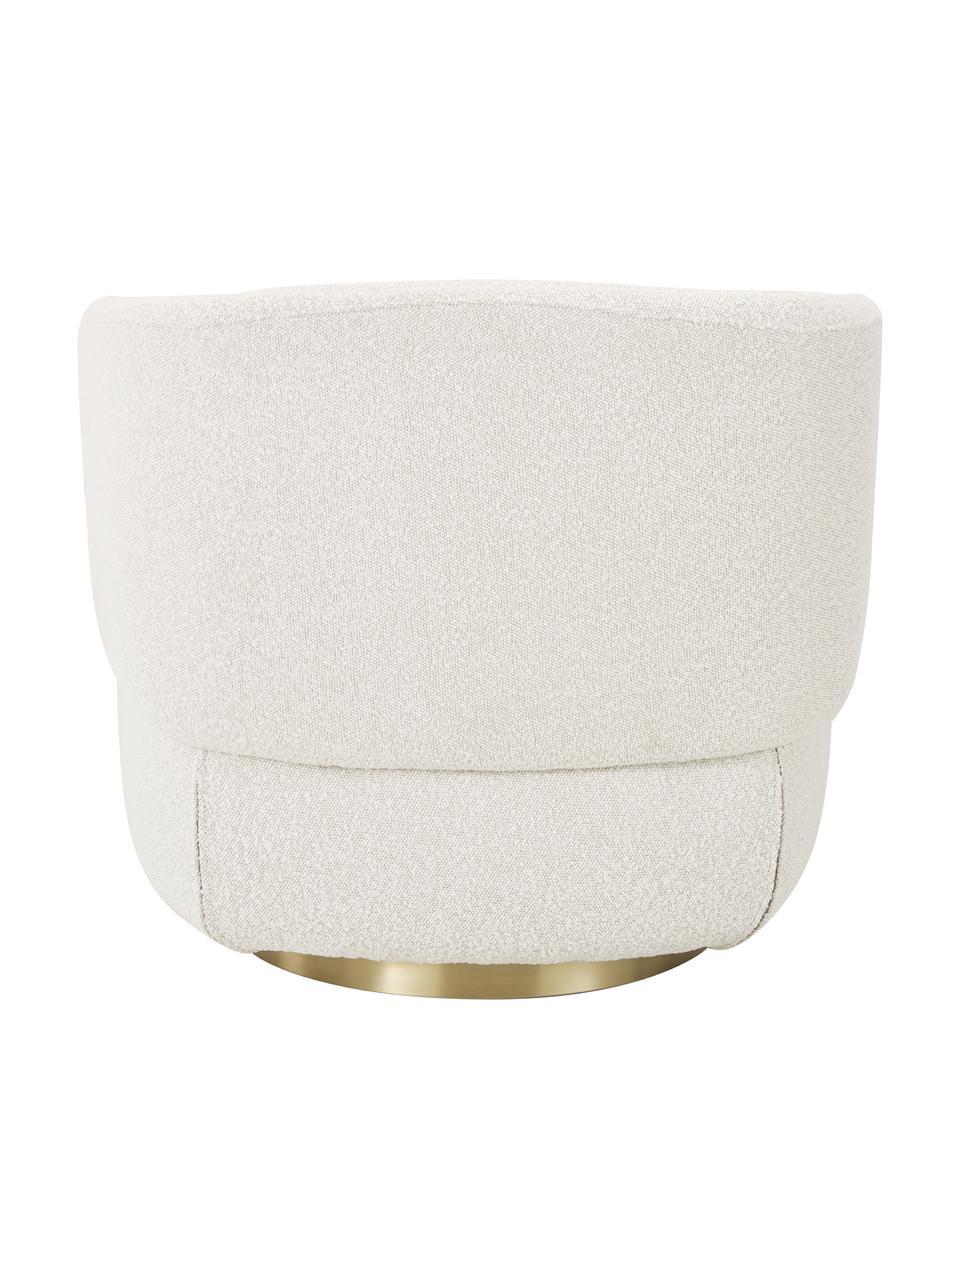 Poltrona girevole in bouclé bianco crema Irene, Struttura: metallo, Piedini: metallo verniciato a polv, Bouclé bianco crema, Larg. 74 x Alt. 70 cm